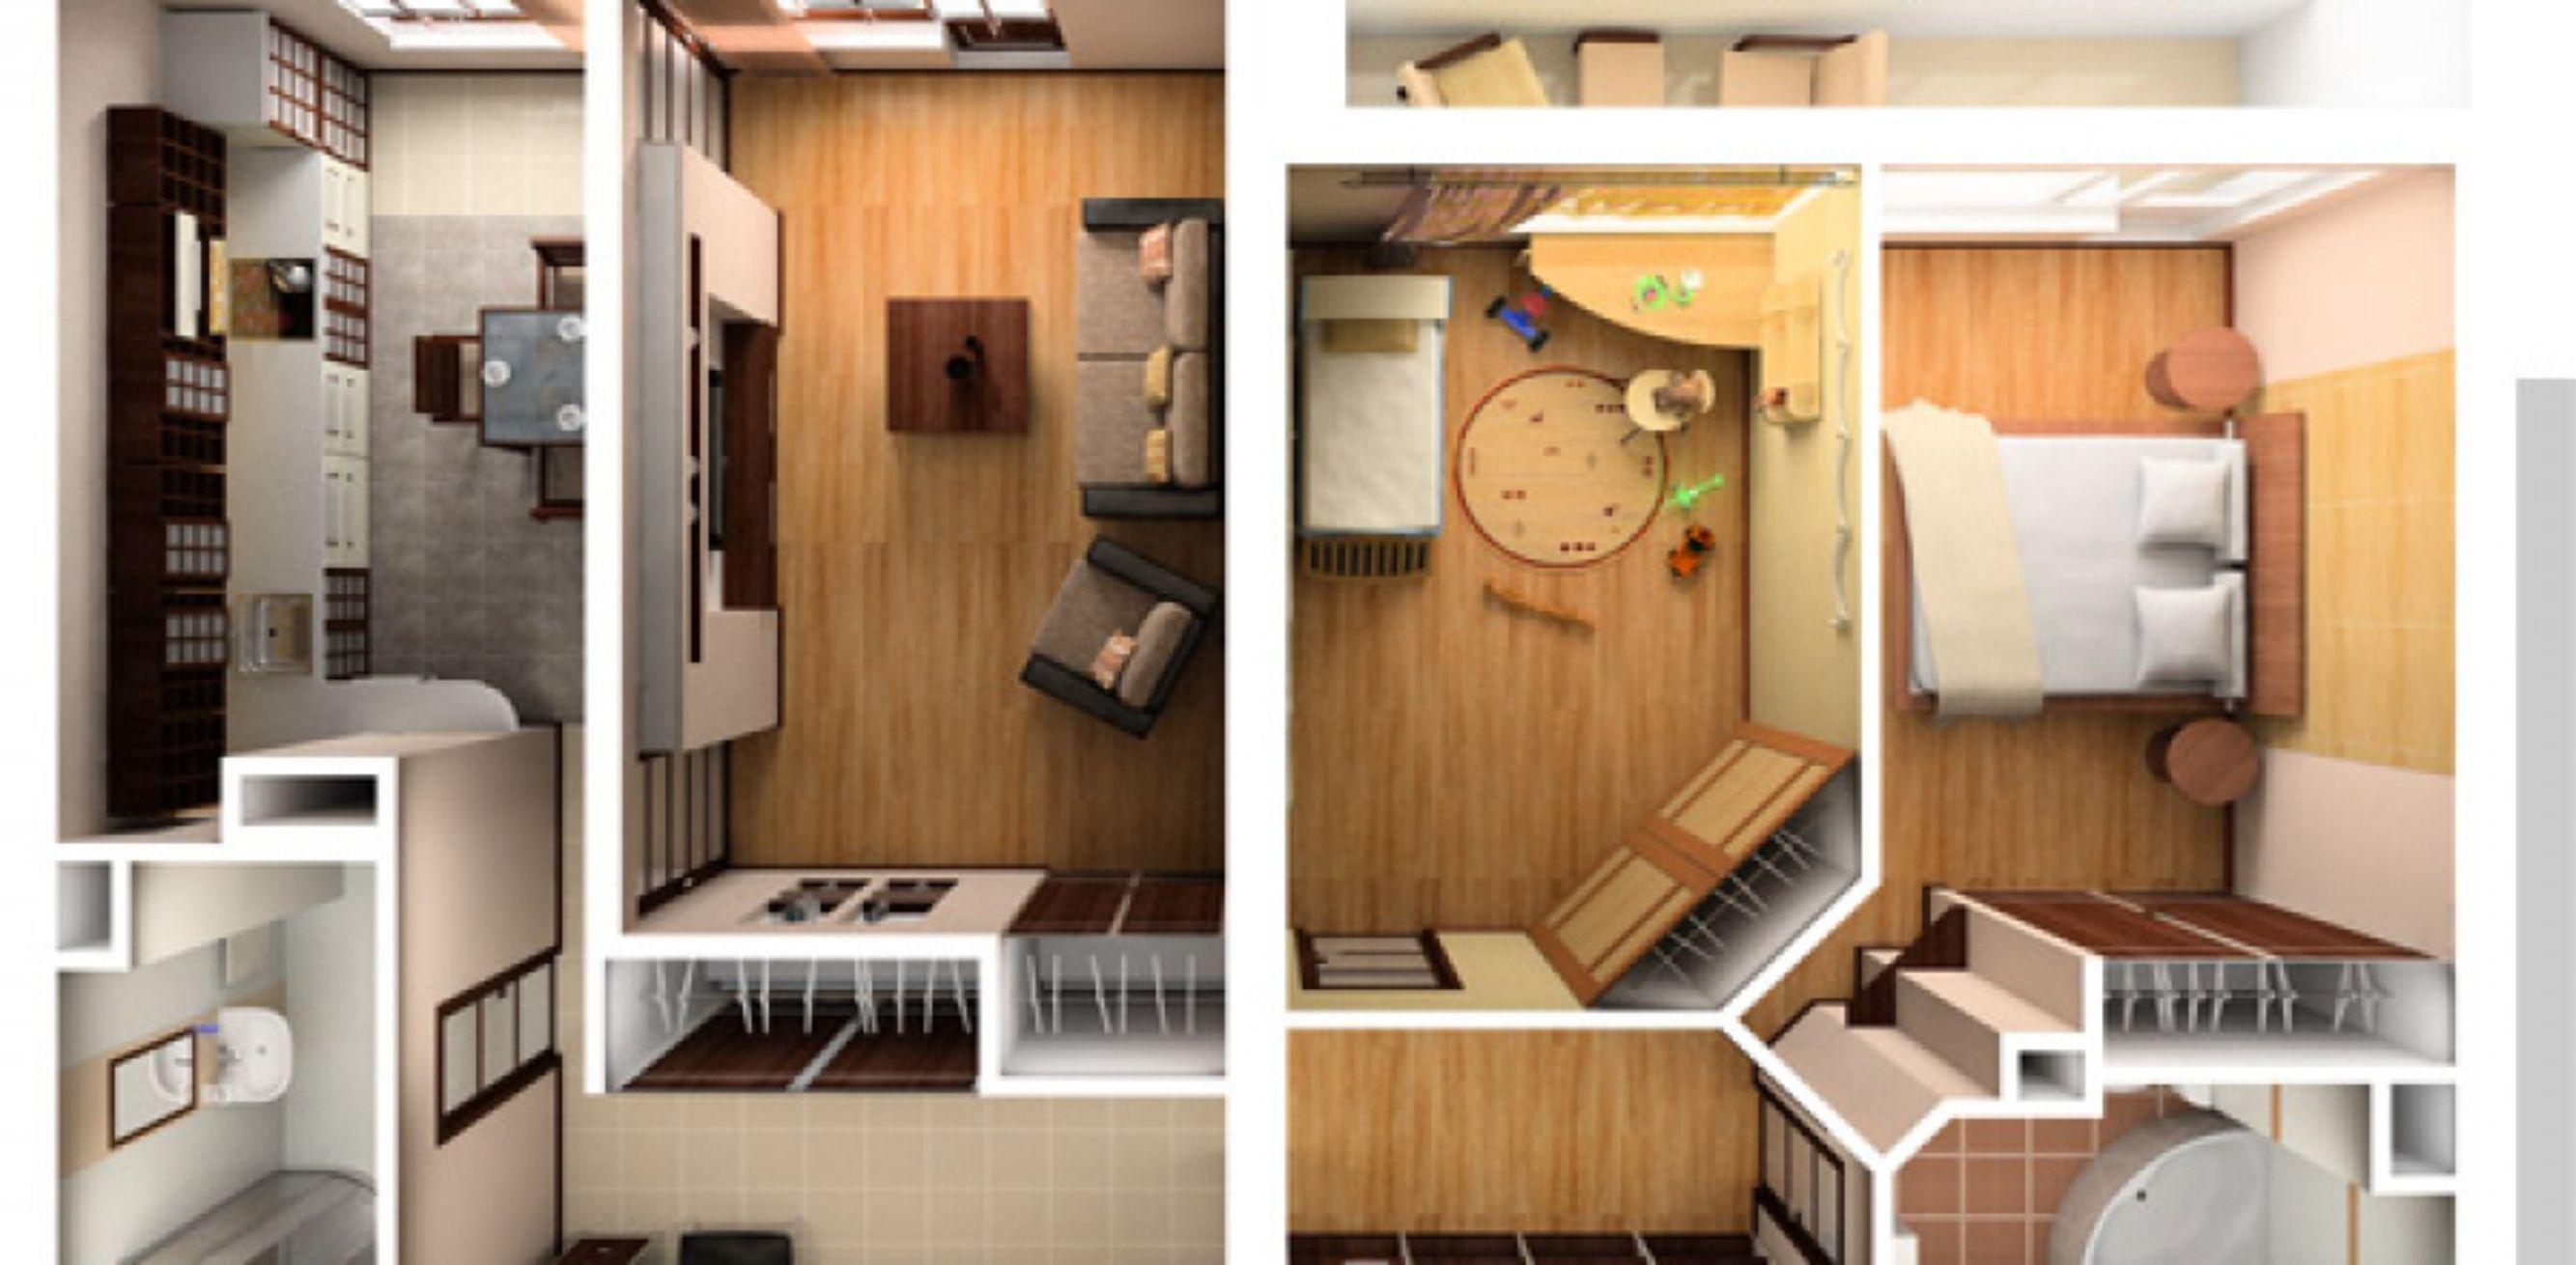 Как сделать перепланировку в 3-х комнатной хрущевке фото